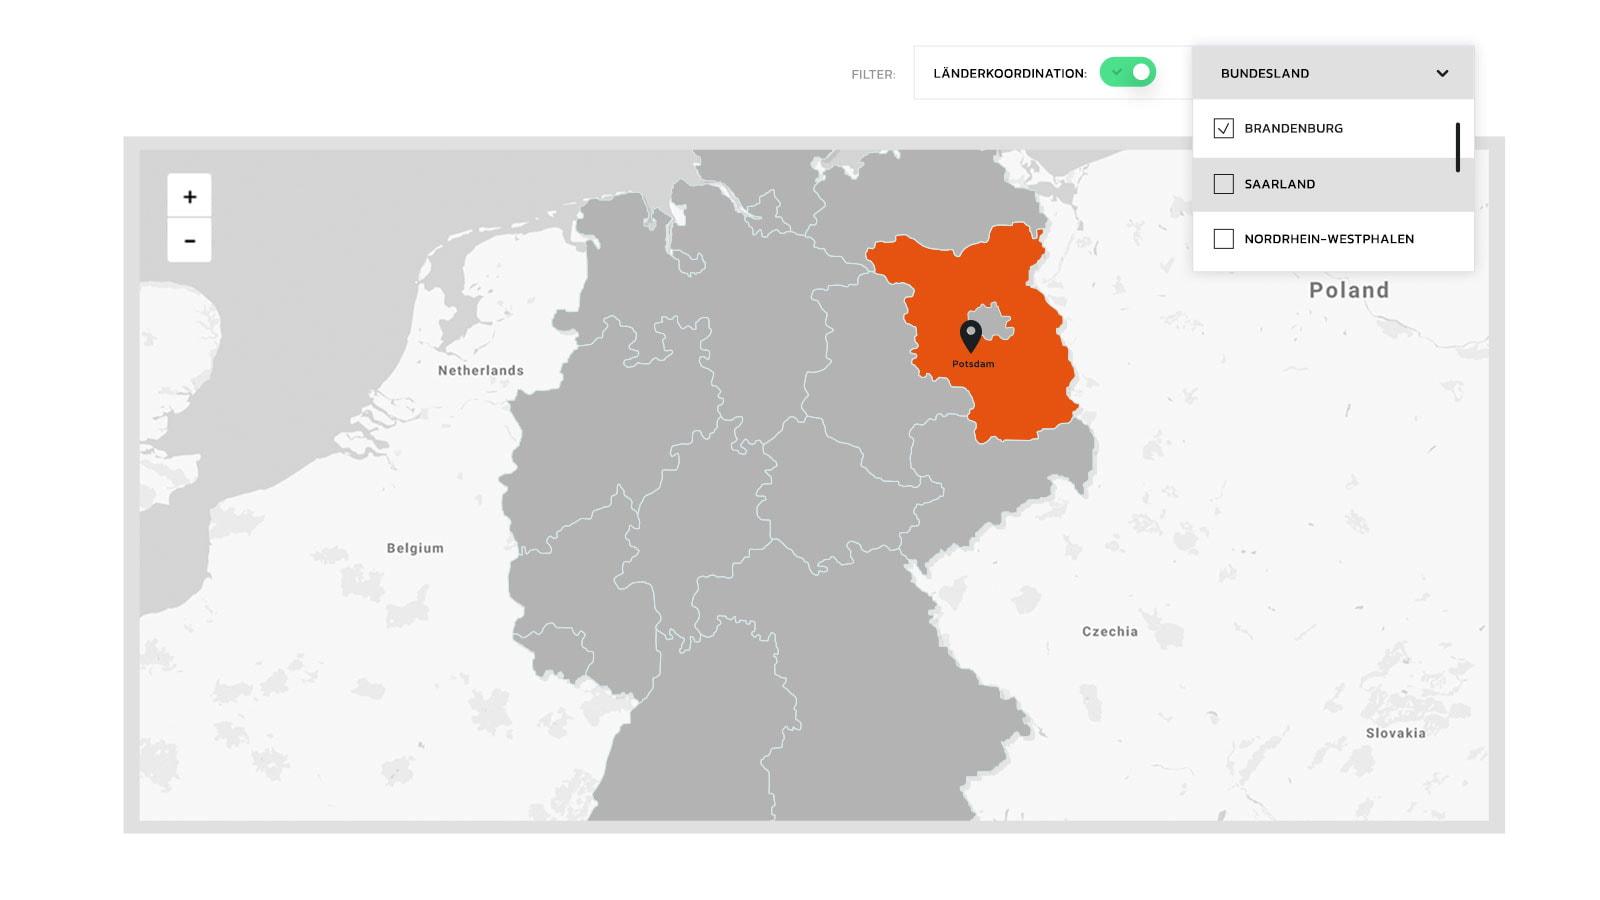 Ausschnitt aus der Karte zeigt Deutschland mit der Filterfunktion auf Bundesländer. Alle Bundesländer sind grau, das gefilterte Bundesland Brandenburg orange.